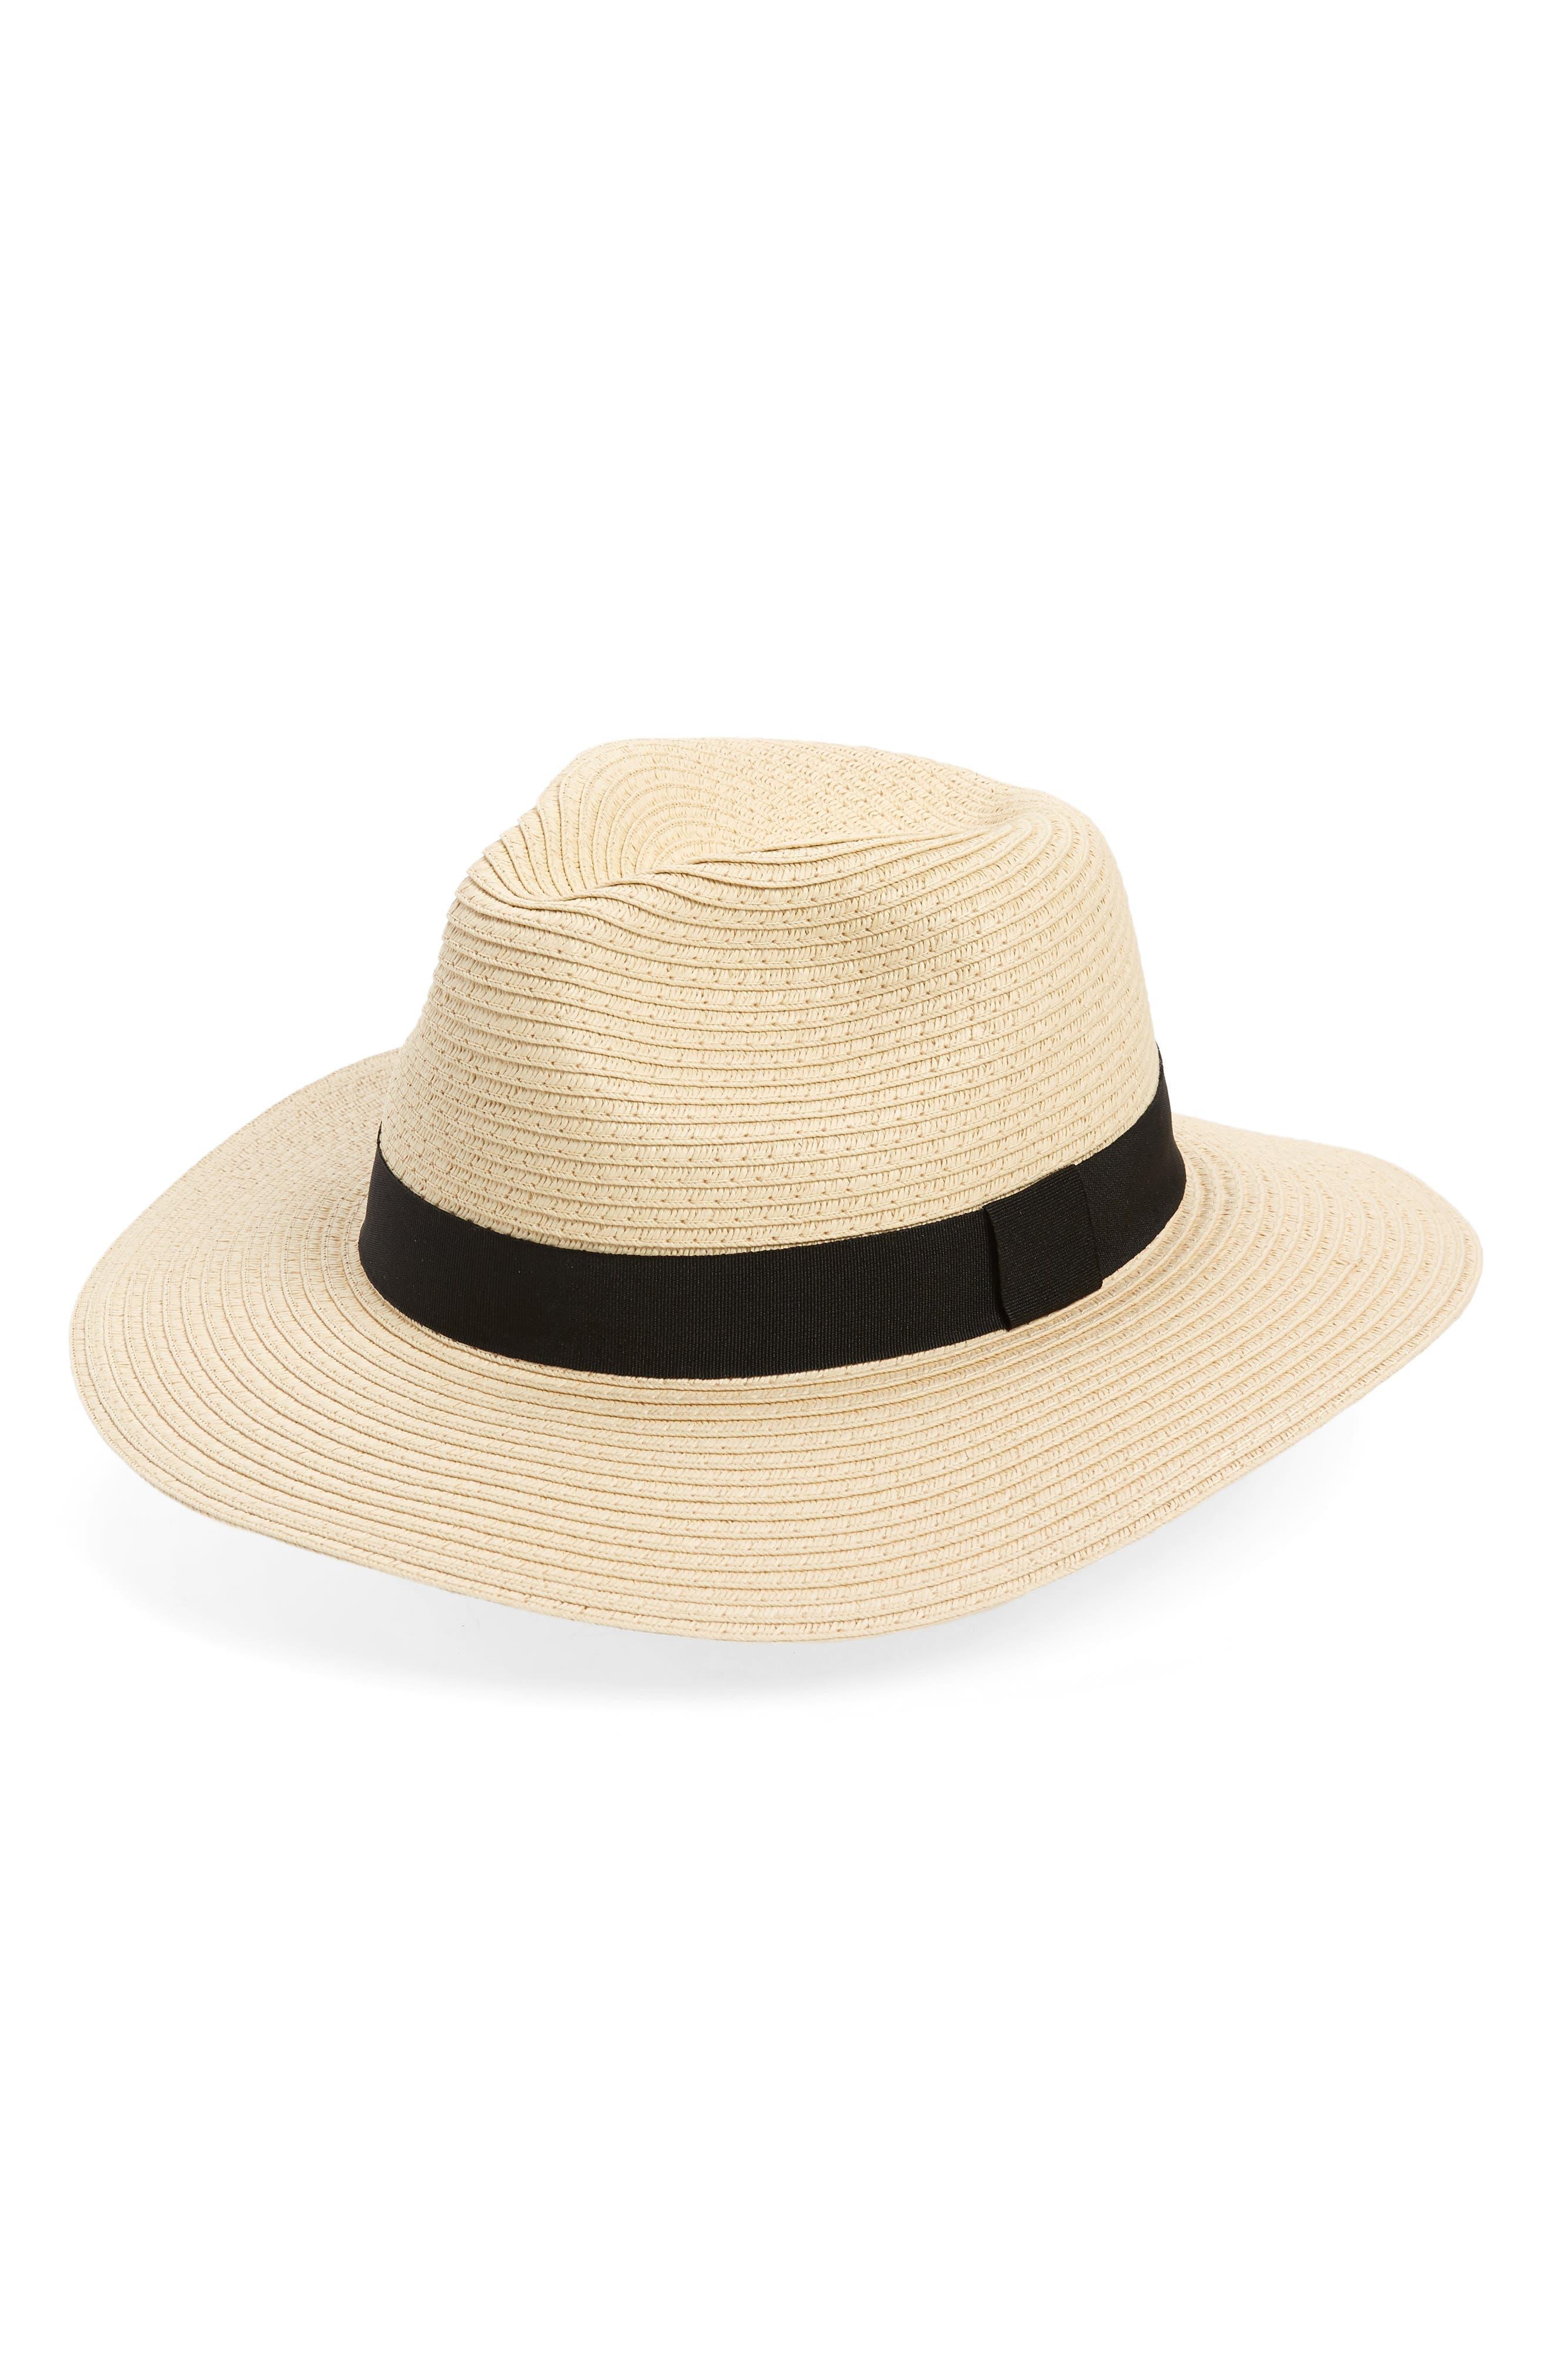 Straw Panama Hat,                             Main thumbnail 1, color,                             Natural